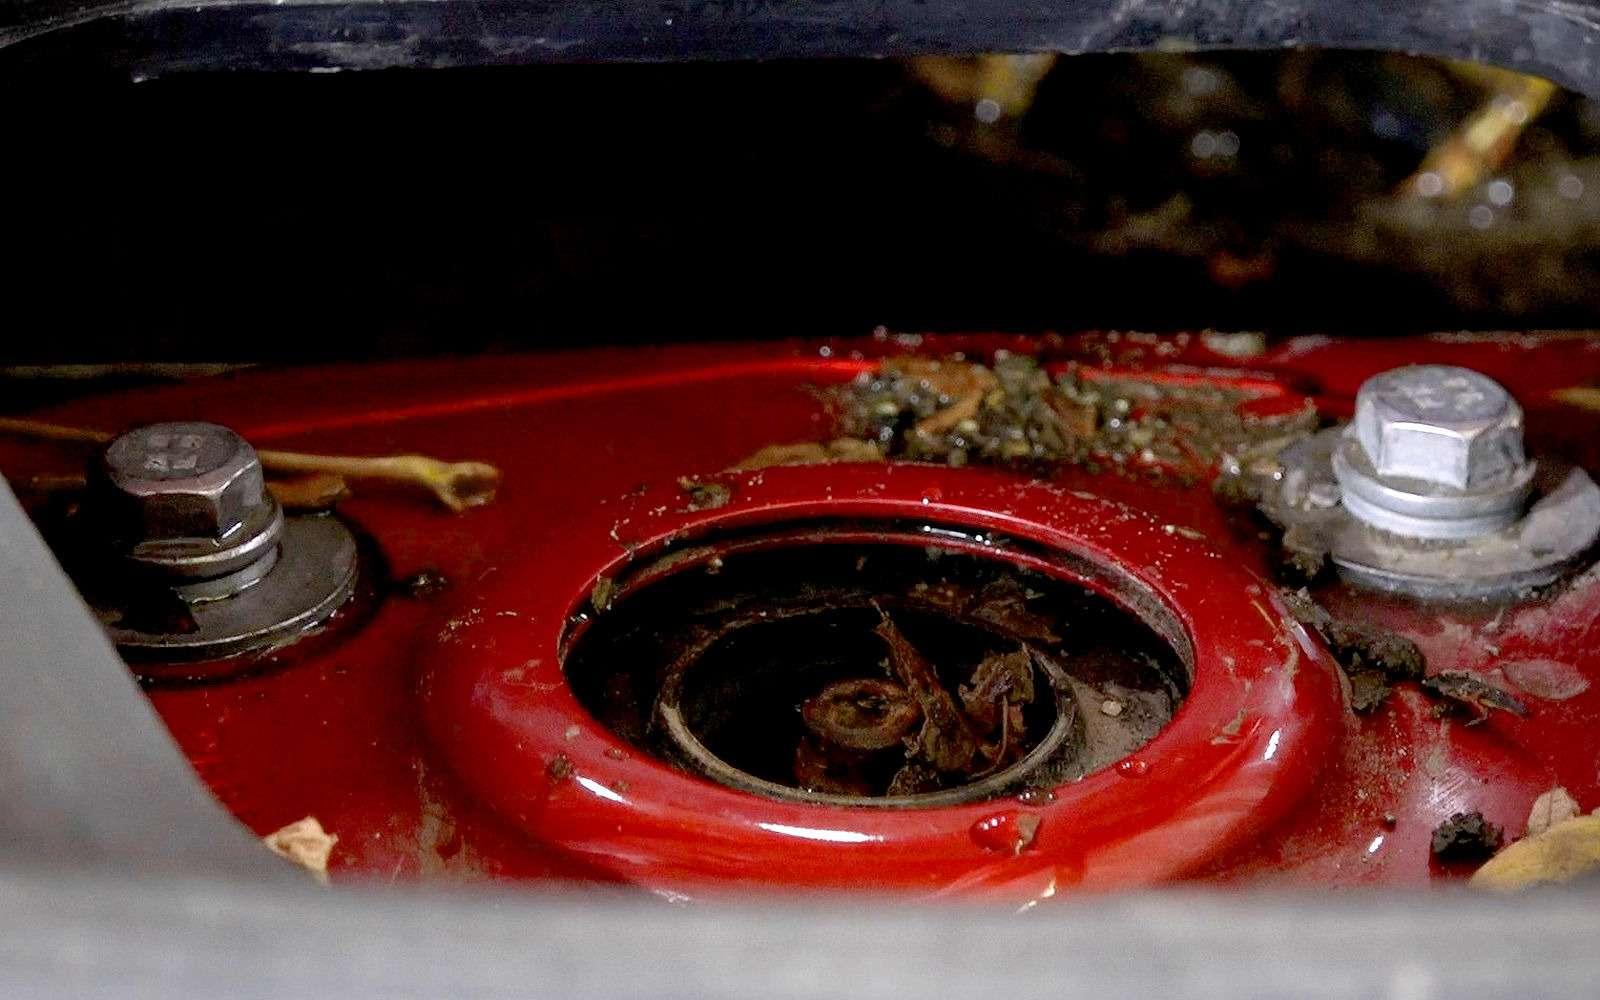 Лада Веста: коррозия, проблемы сэлектрикой, вода всалоне— ноесть решение!— фото 932852